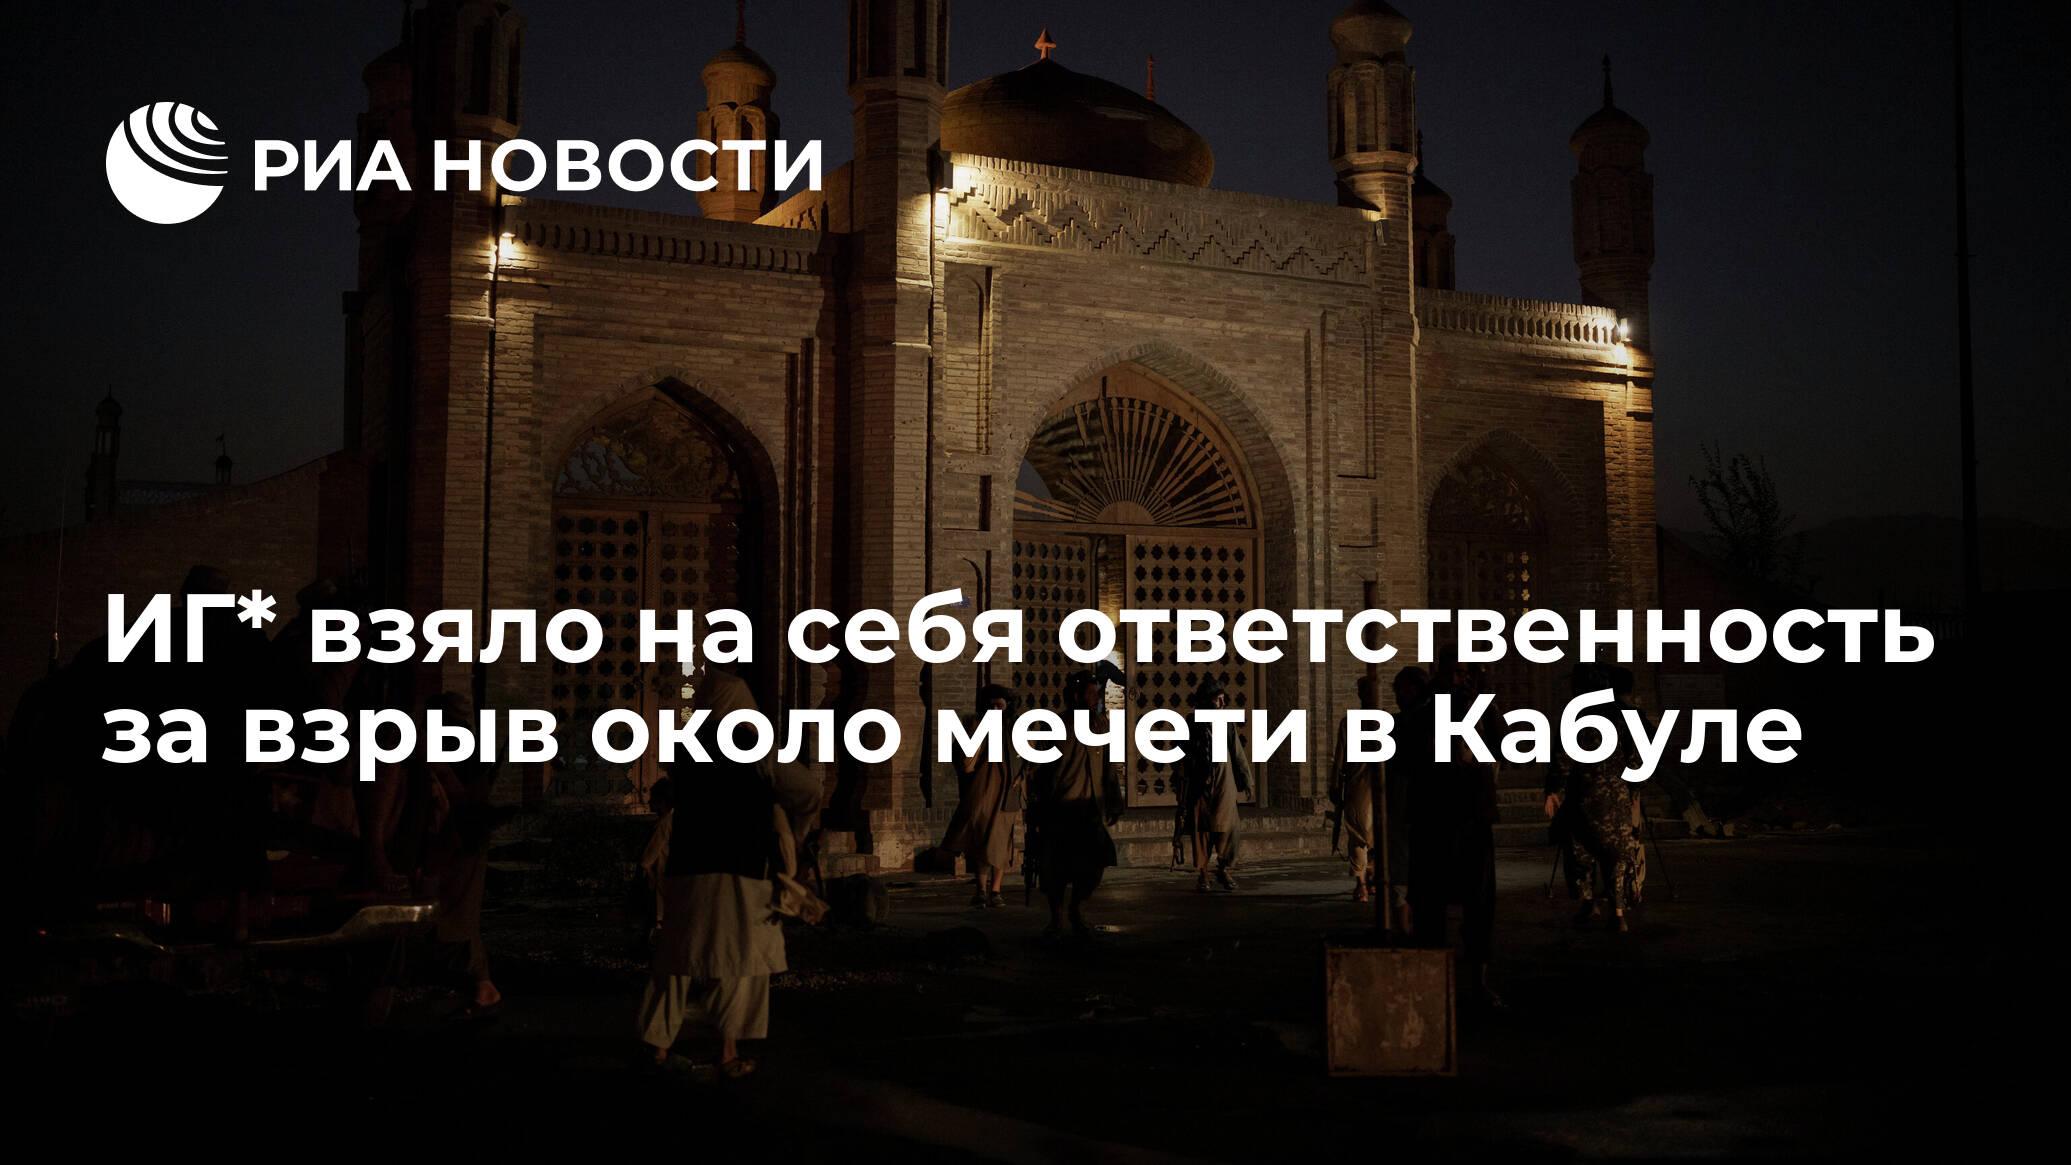 ИГ* взяло на себя ответственность за взрыв около мечети в Кабуле